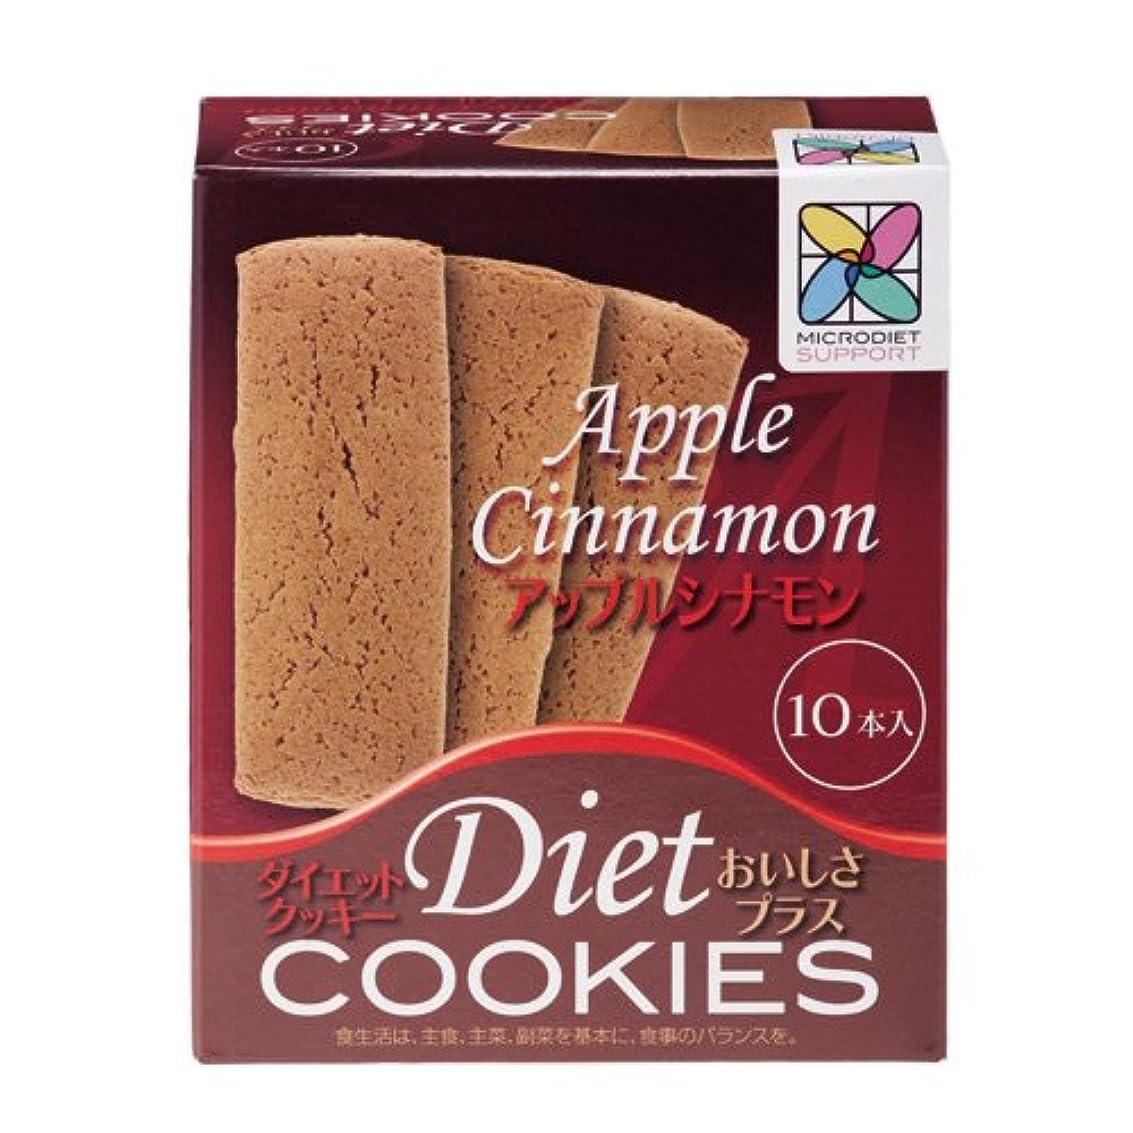 首相オピエート天窓ダイエットクッキーおいしさプラス(アップルシナモン:1箱)(03754)